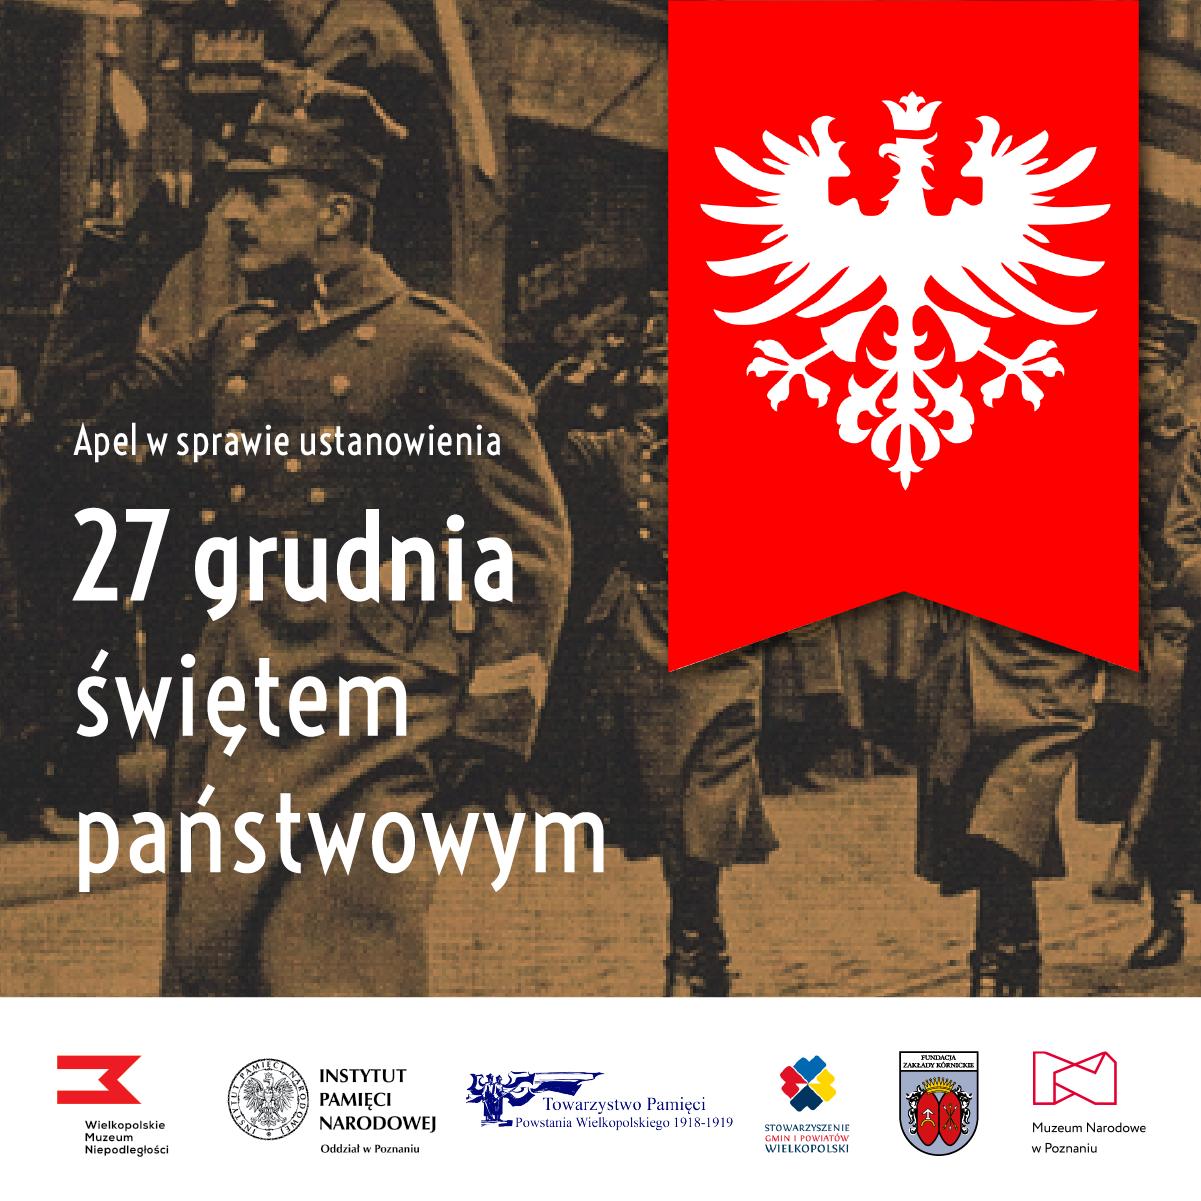 Grafika przedstawia fotografię Powstańców Wielkopolskich, mężczyźni idą i salutują. Obok widzimy nałozoną na zdjęcie flagę powstańczą - biały orzeł w koronie na czerwonym tle